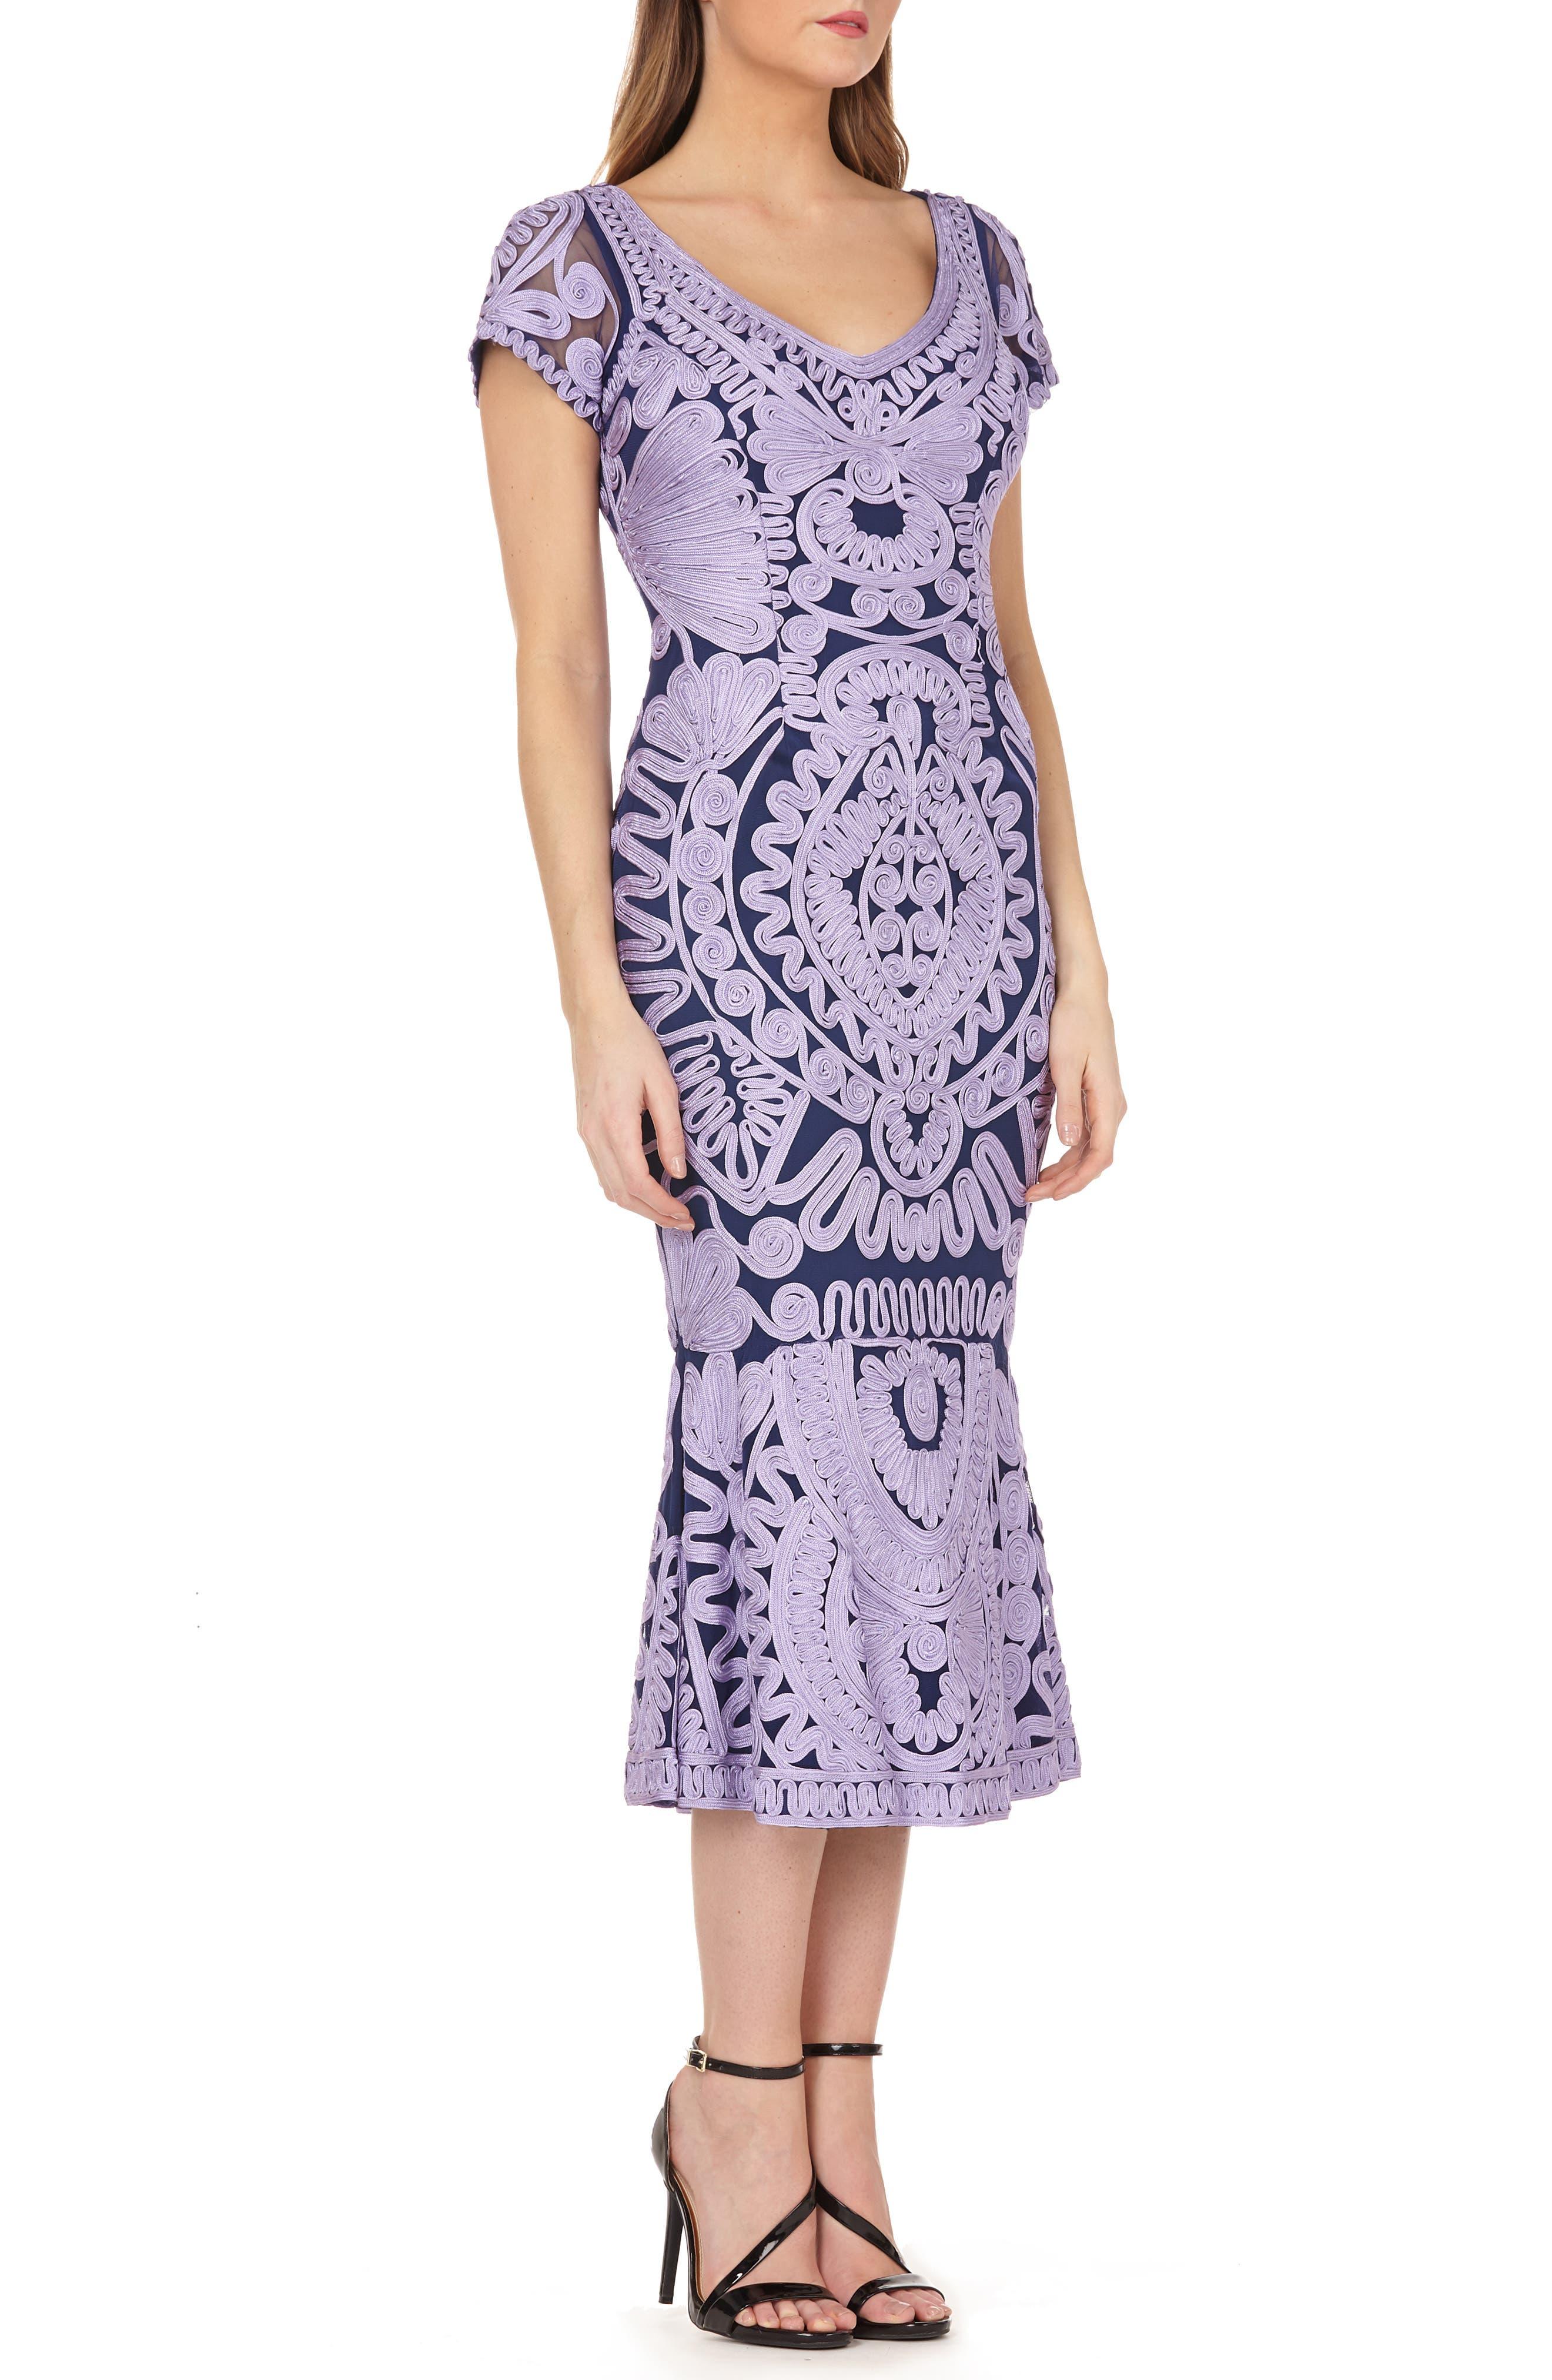 JS COLLECTIONS Soutache Trumpet Dress, Main, color, ORCHID/ NAVY